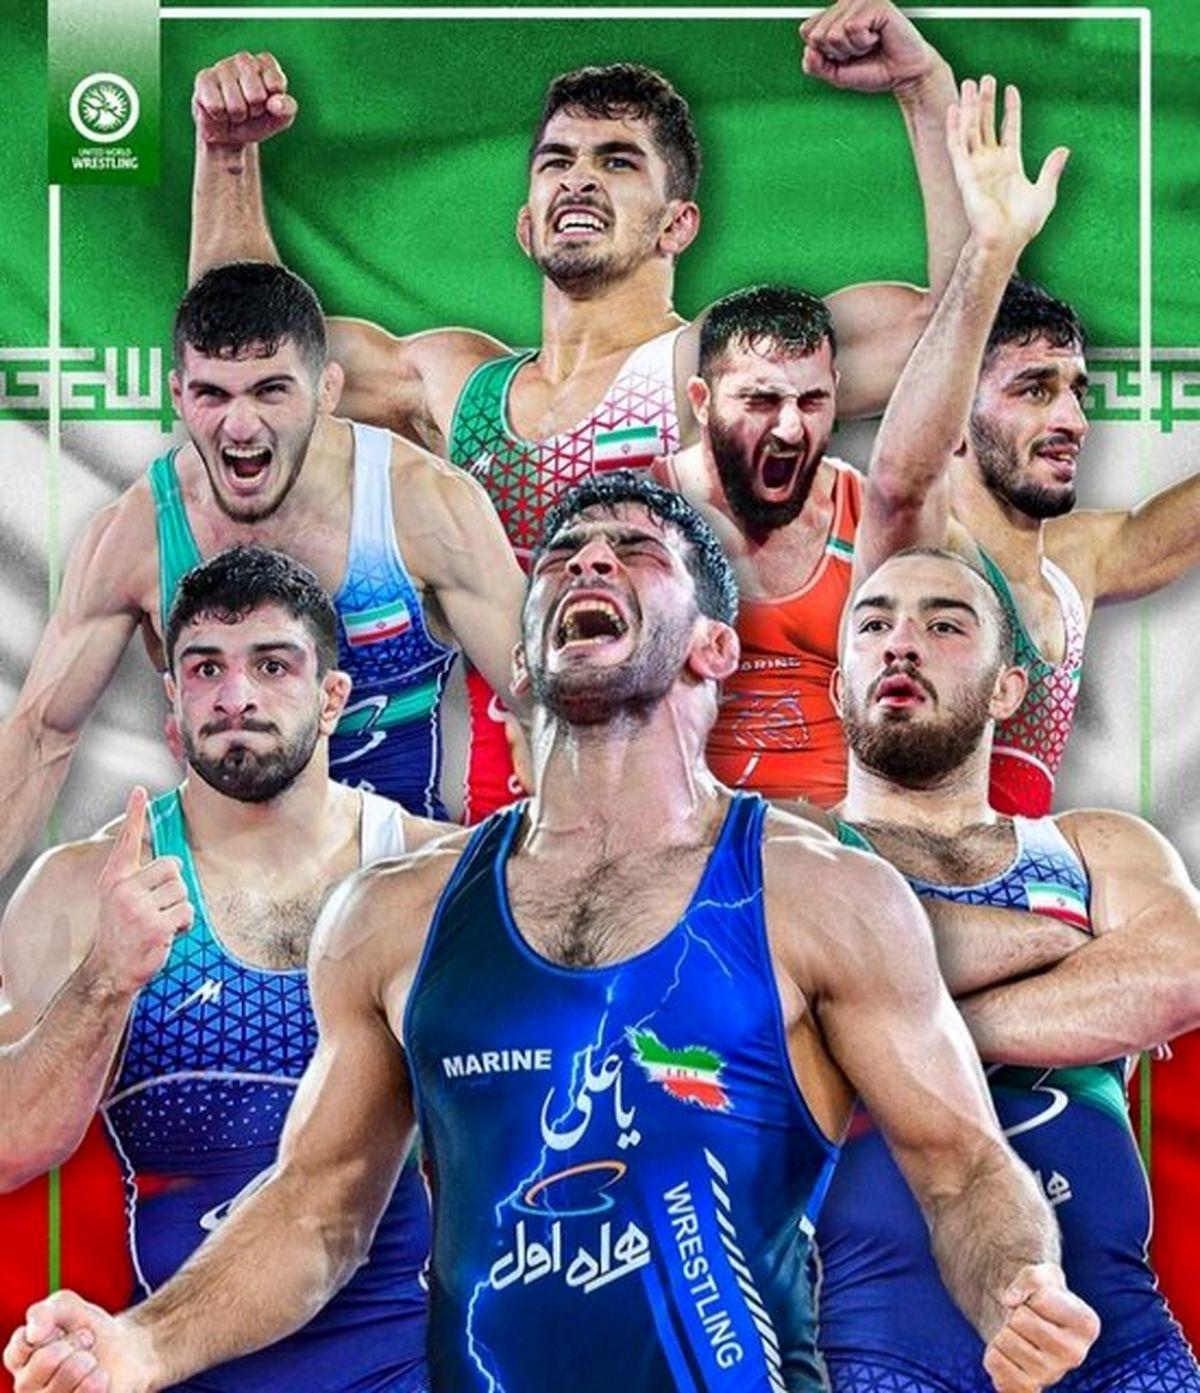 واکنش جالب اتحادیه جهانی کشتی به مدالهای ایران